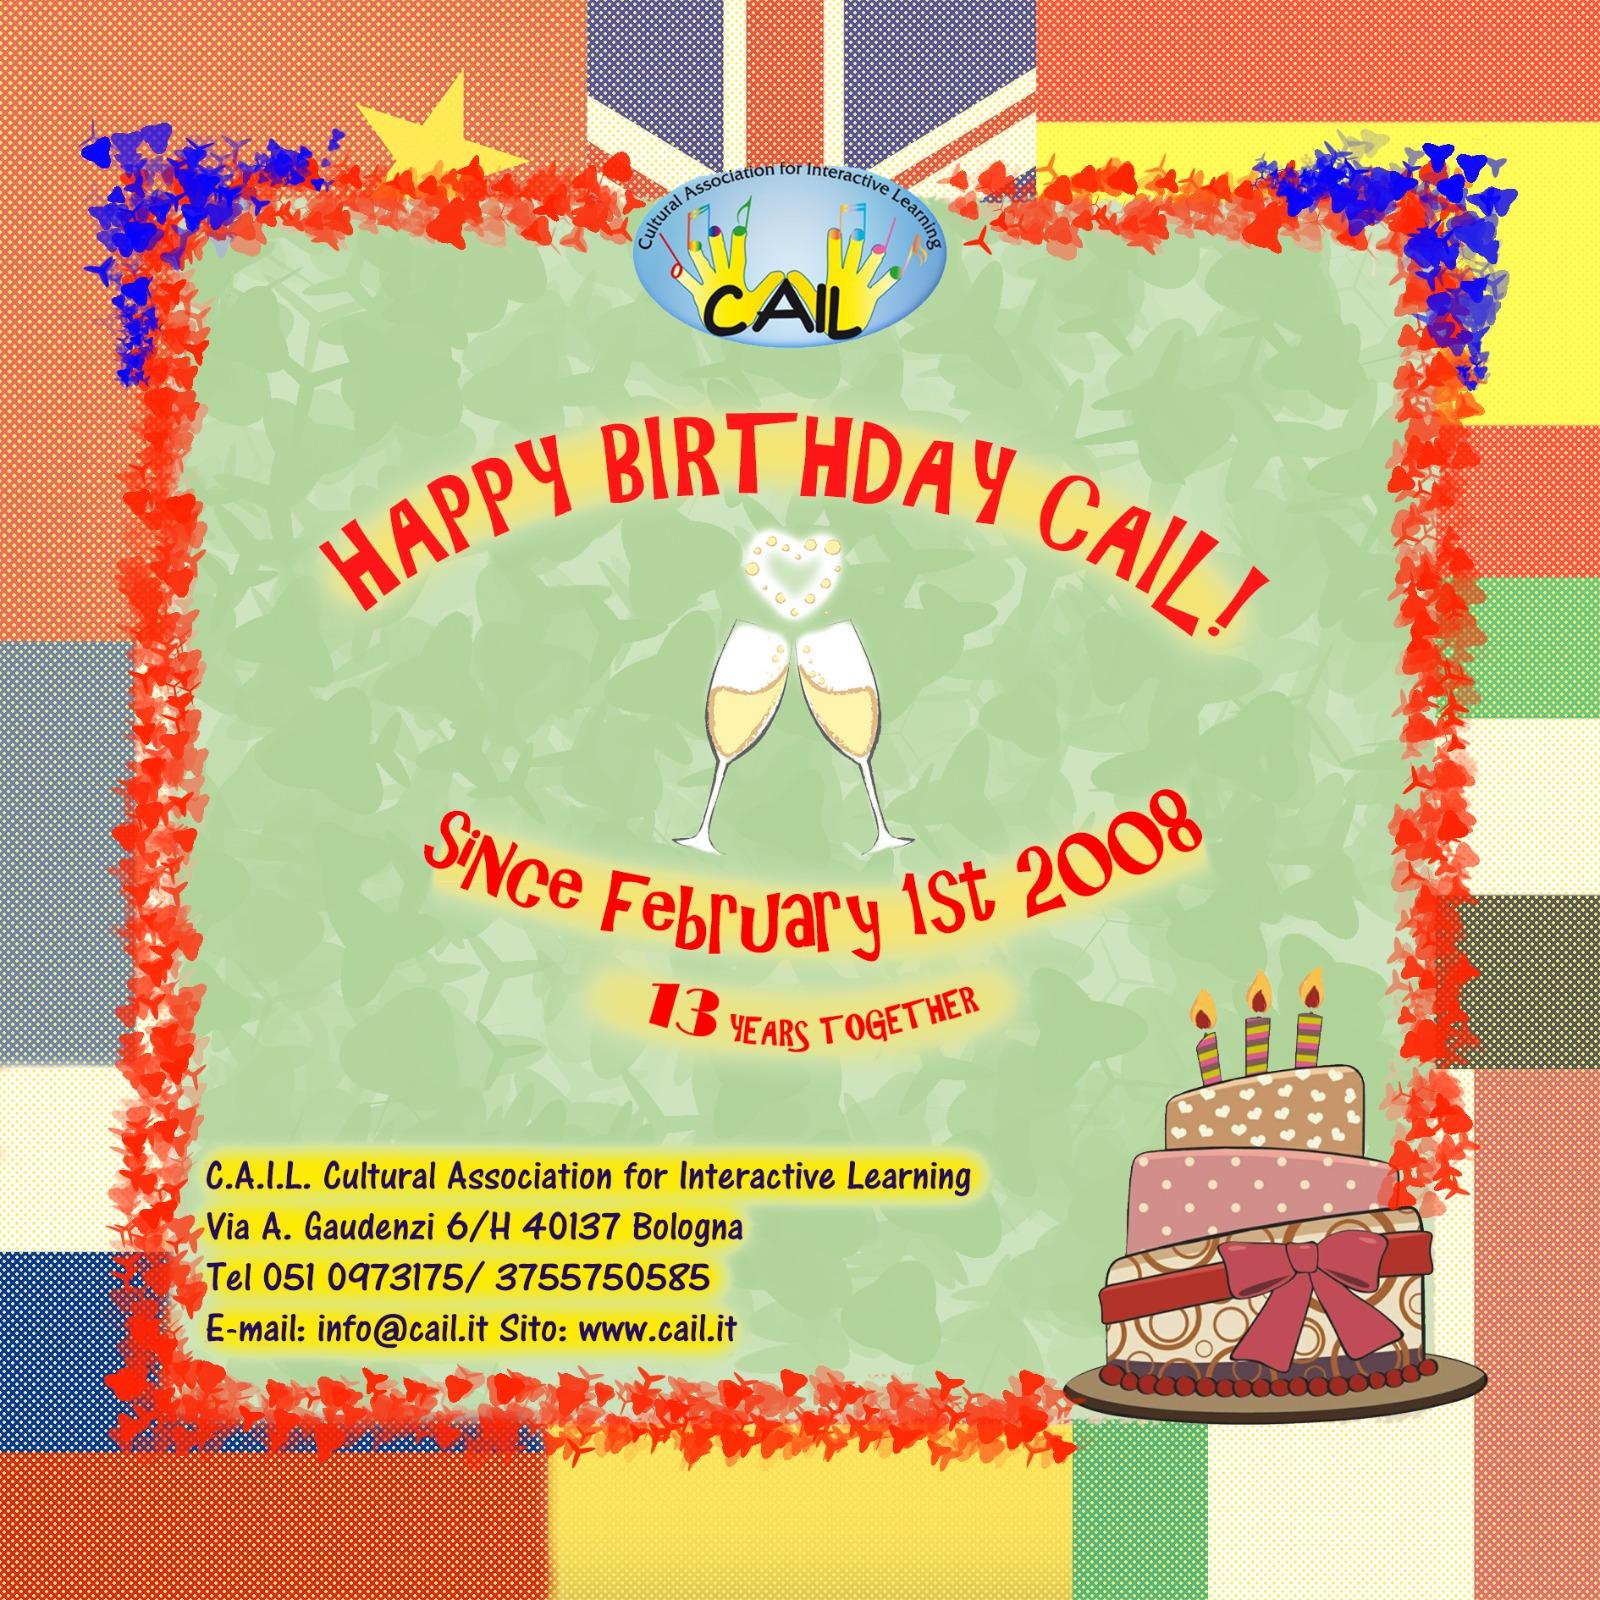 13° Compleanno di CAIL!